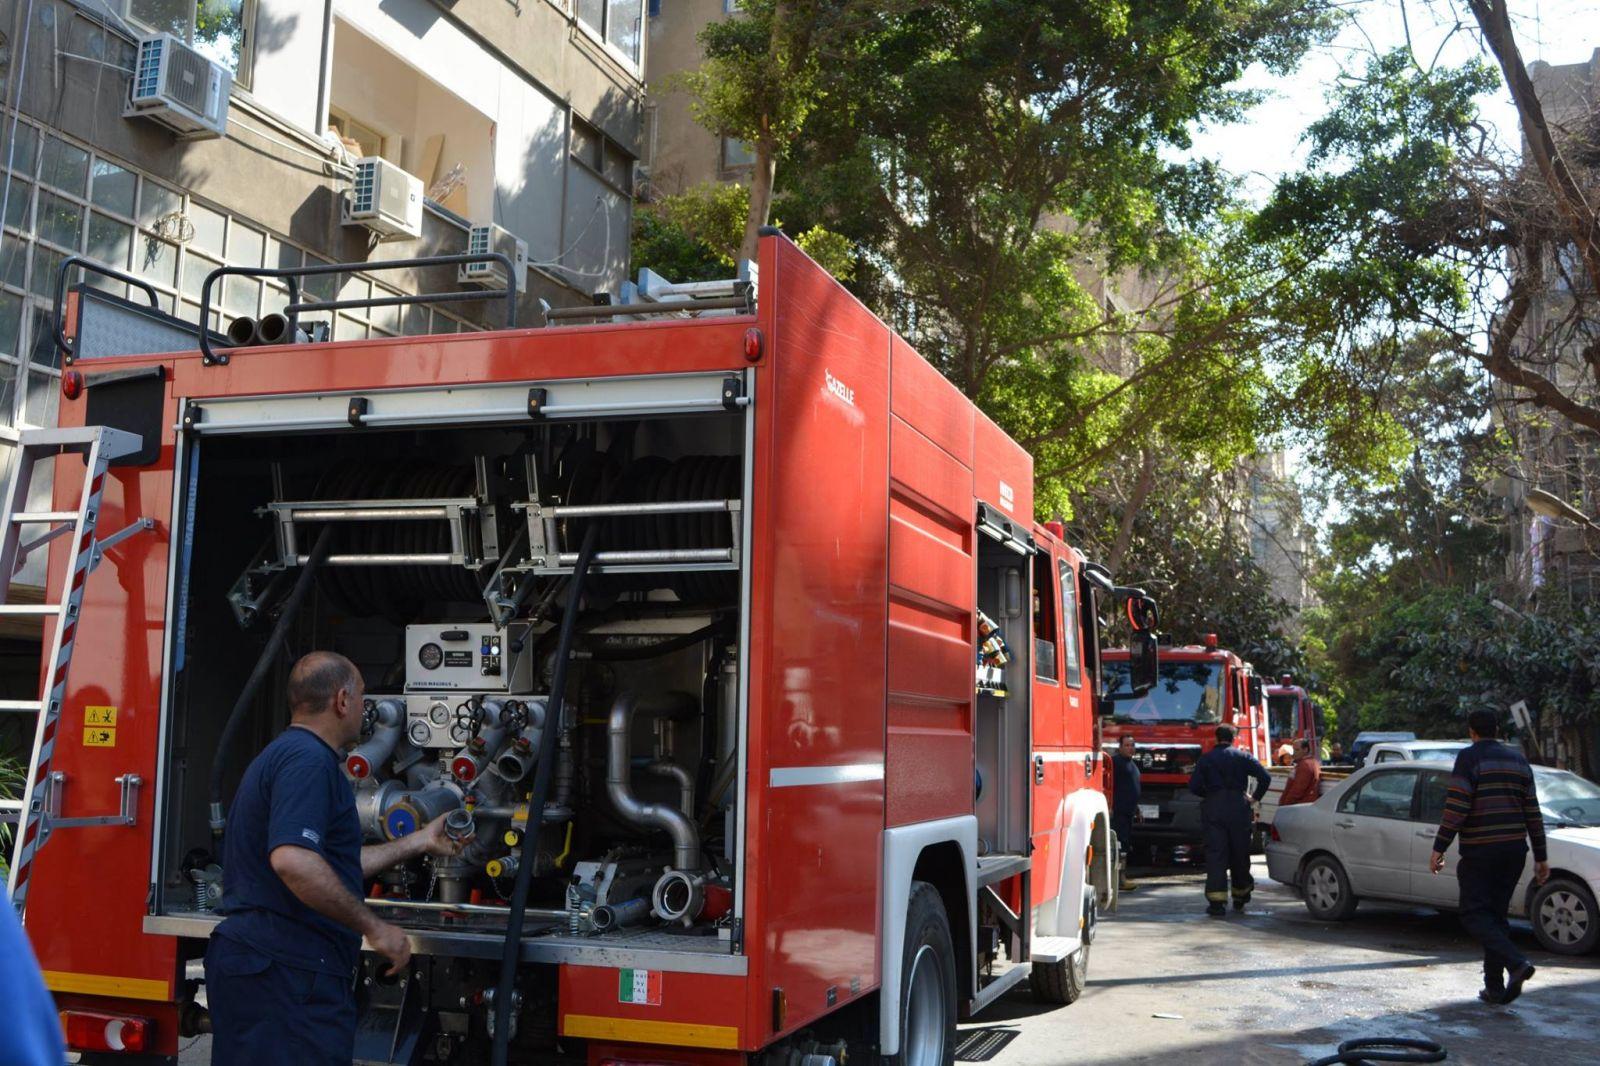 الحماية المدنية تسيطر على حريق بالزمالك دون إصابات